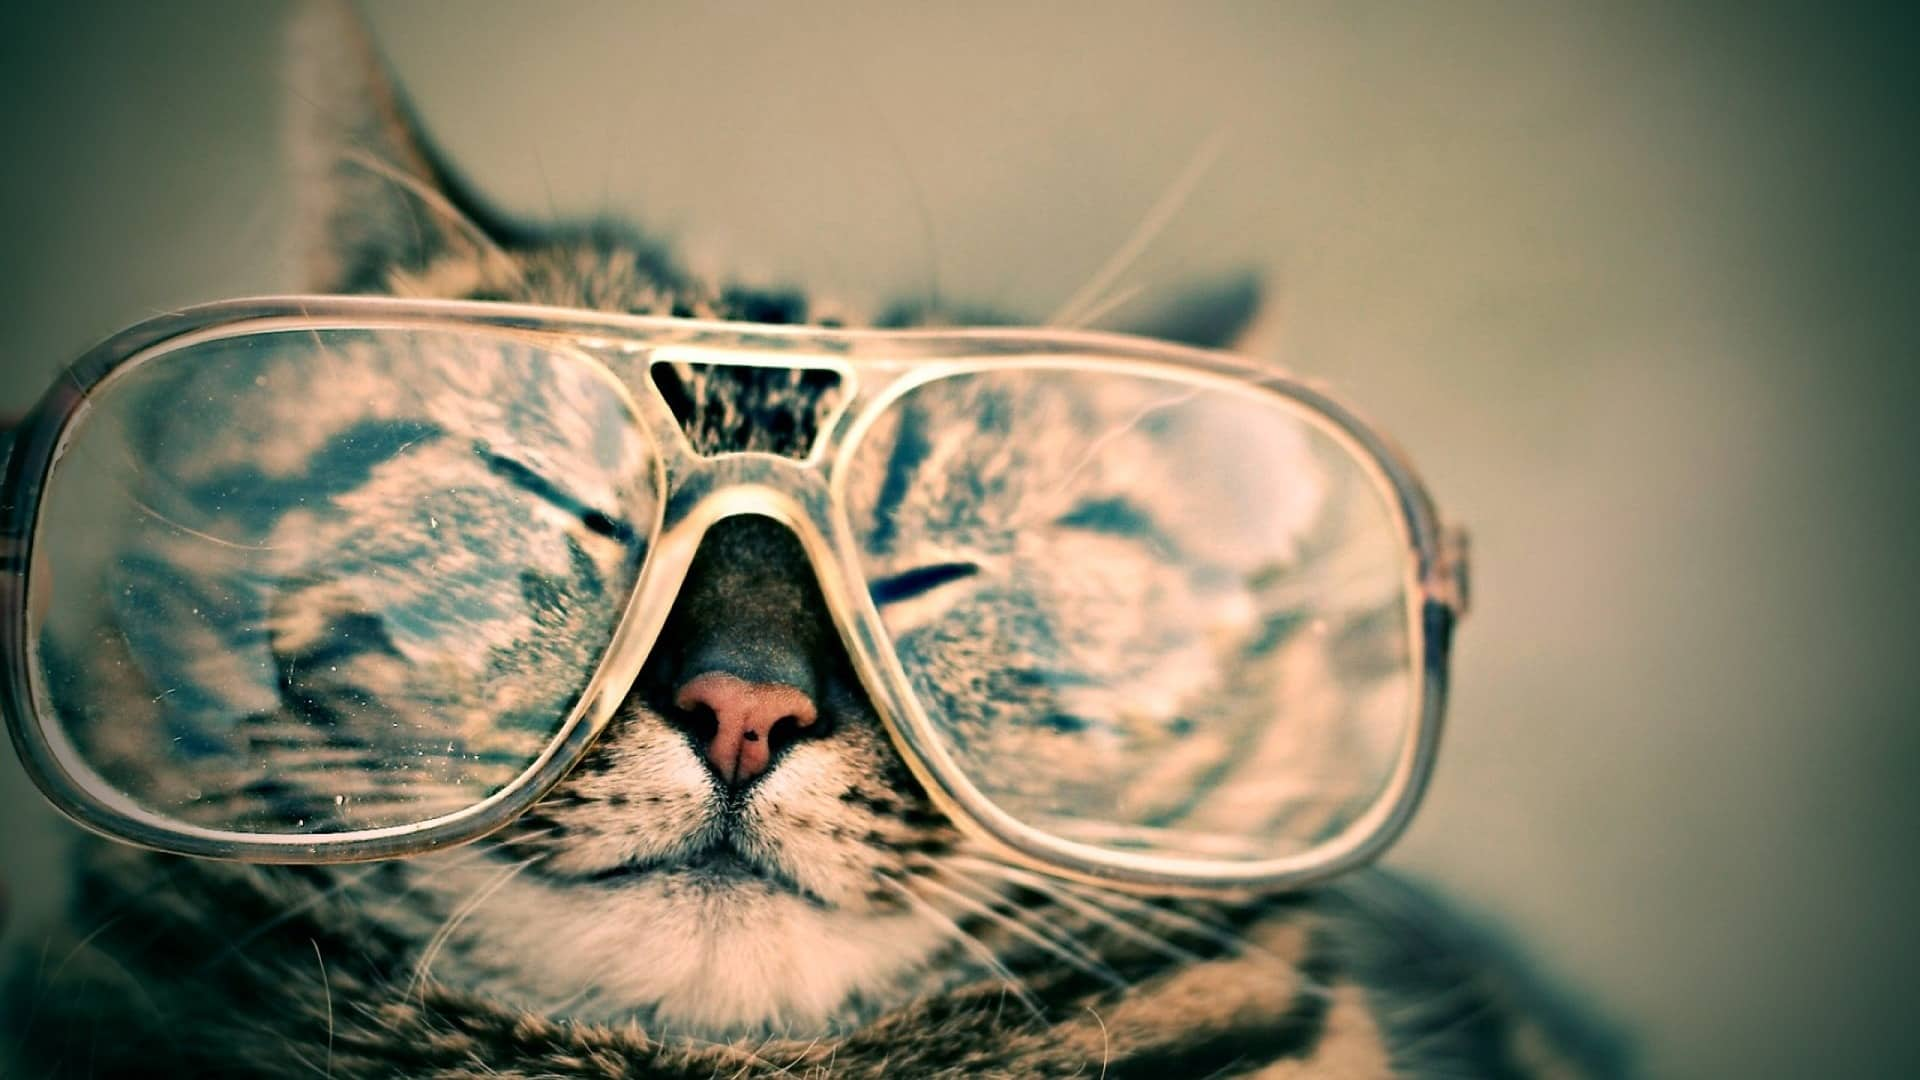 Zdrowie wpracy programisty - okulary